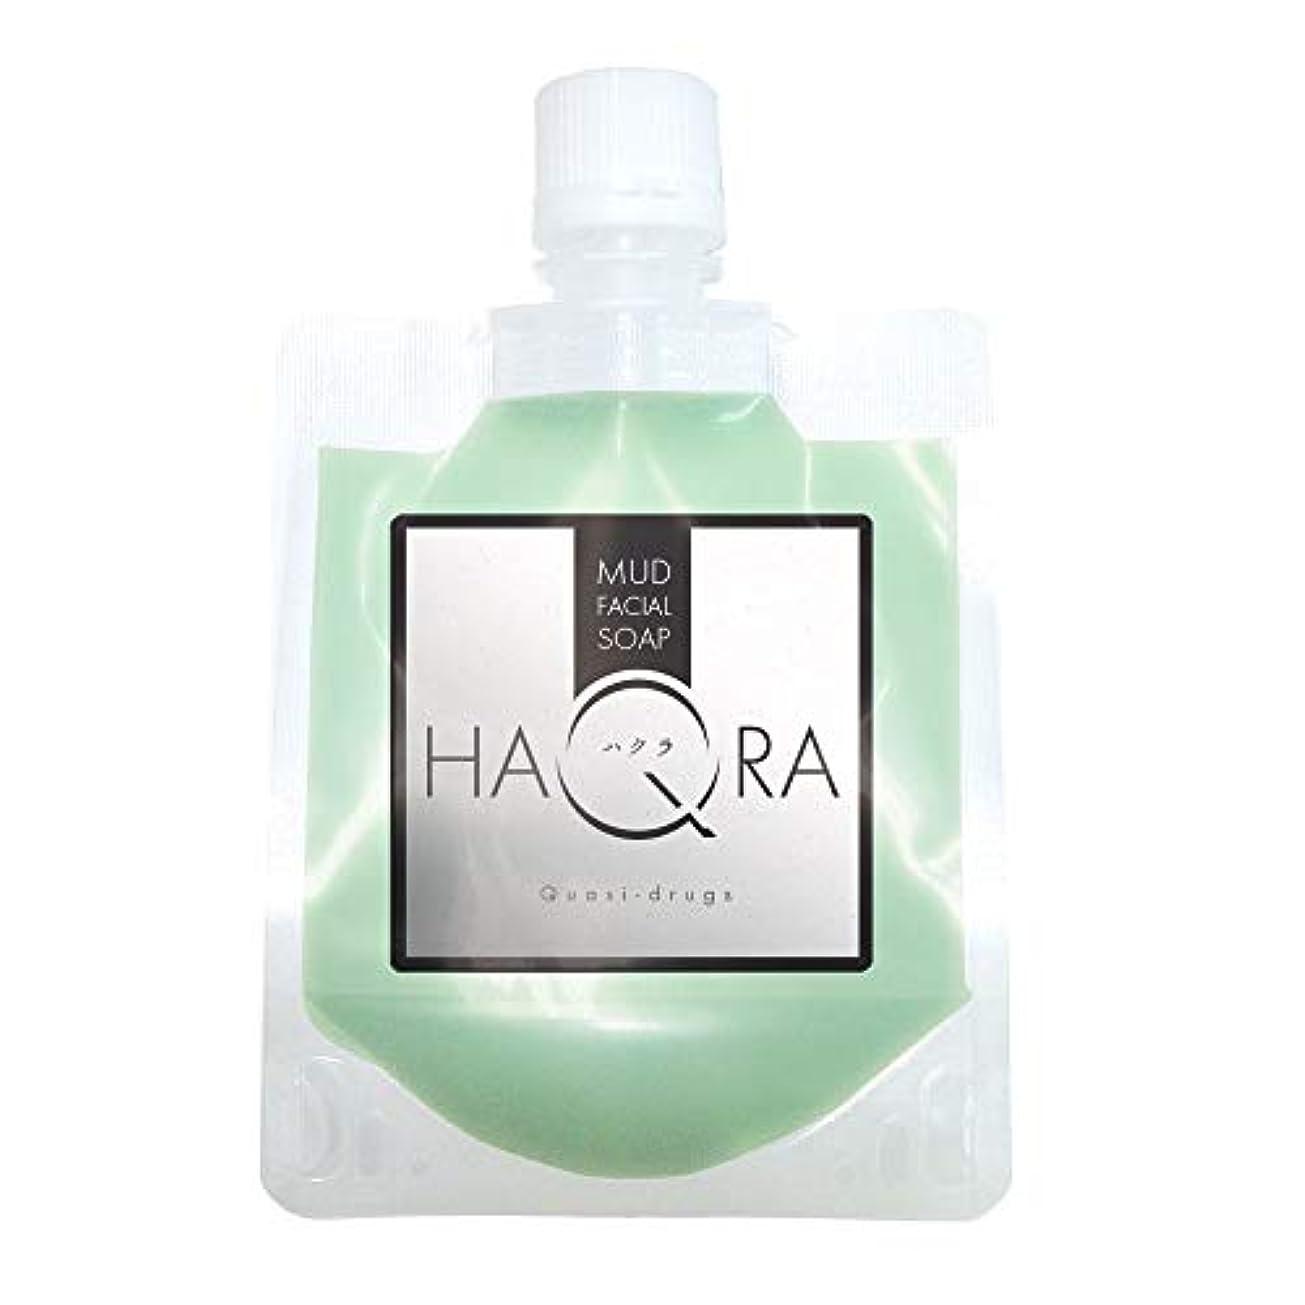 店員むちゃくちゃ一致ハクラ HAQRA クレイ洗顔 泥洗顔 石鹸 石けん